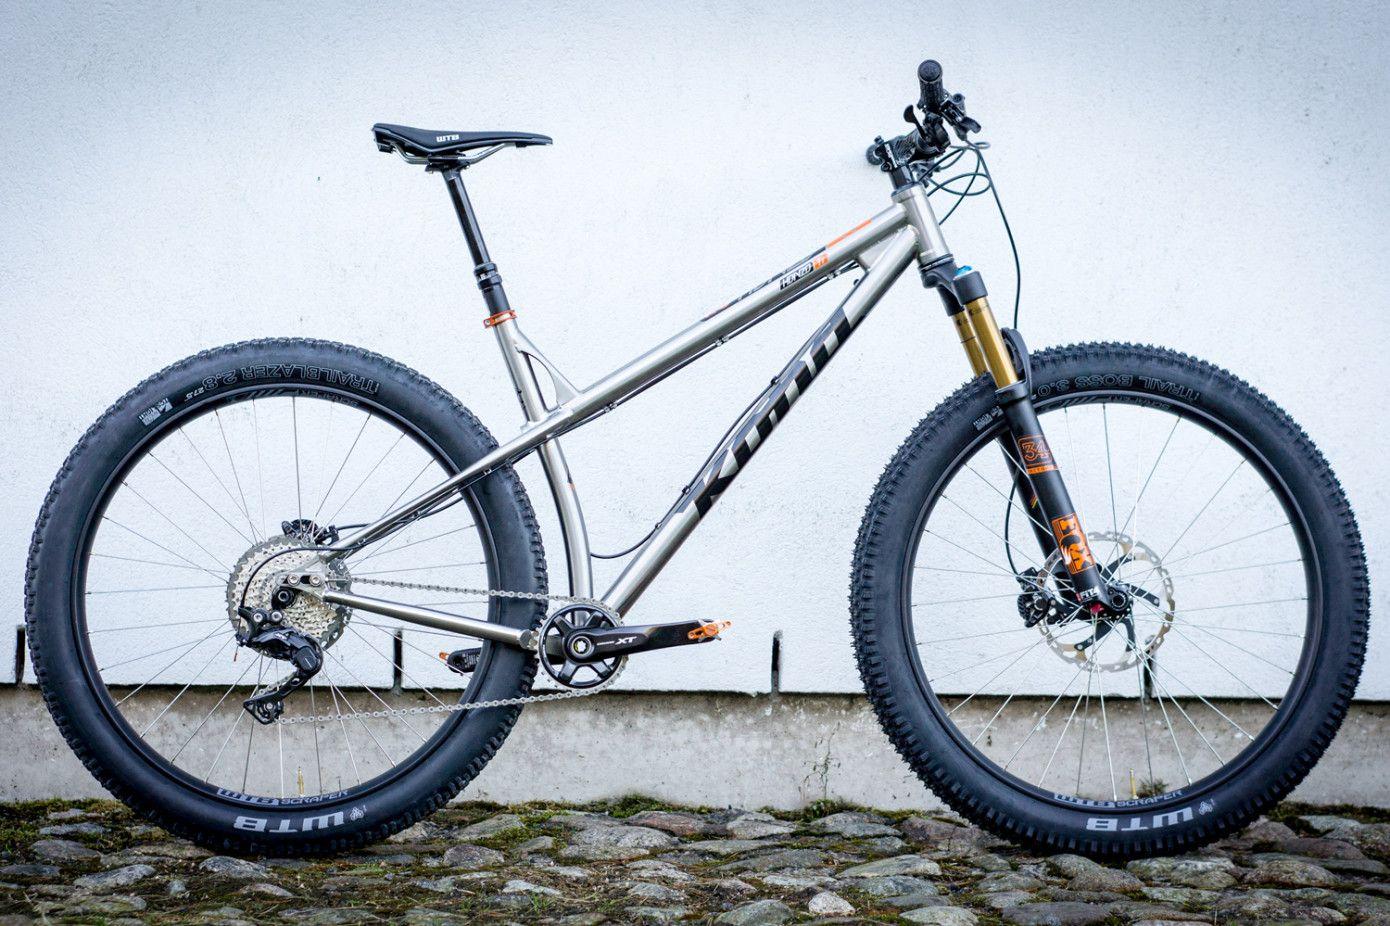 Ti Tuesday Visa S Ti Honzo Mongoose Mountain Bike Hardtail